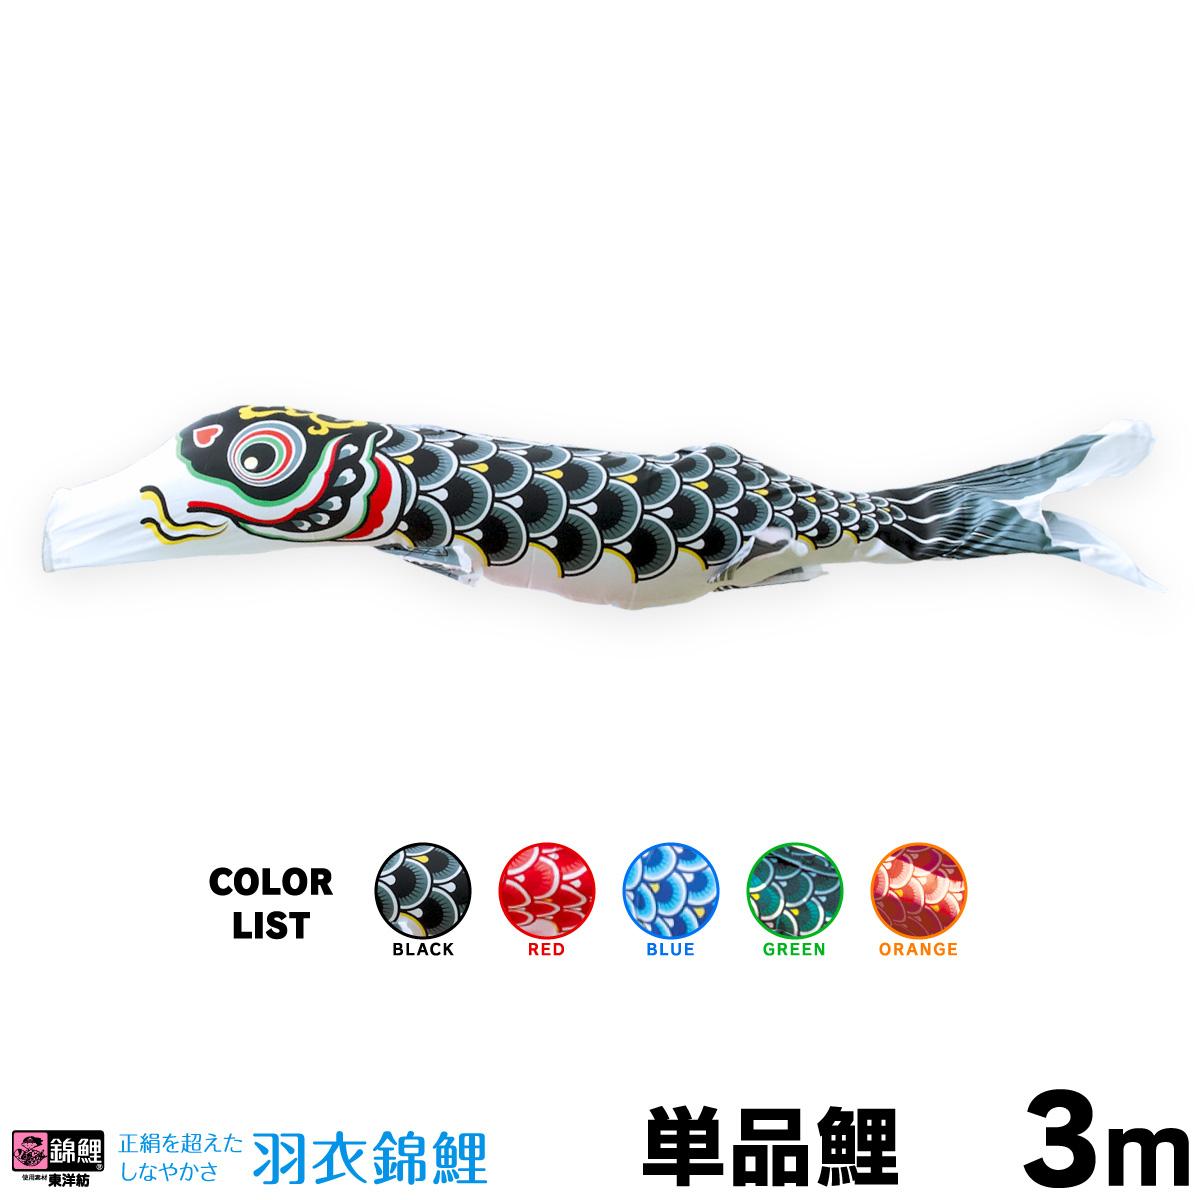 【こいのぼり 単品】 羽衣錦鯉 3m 単品鯉